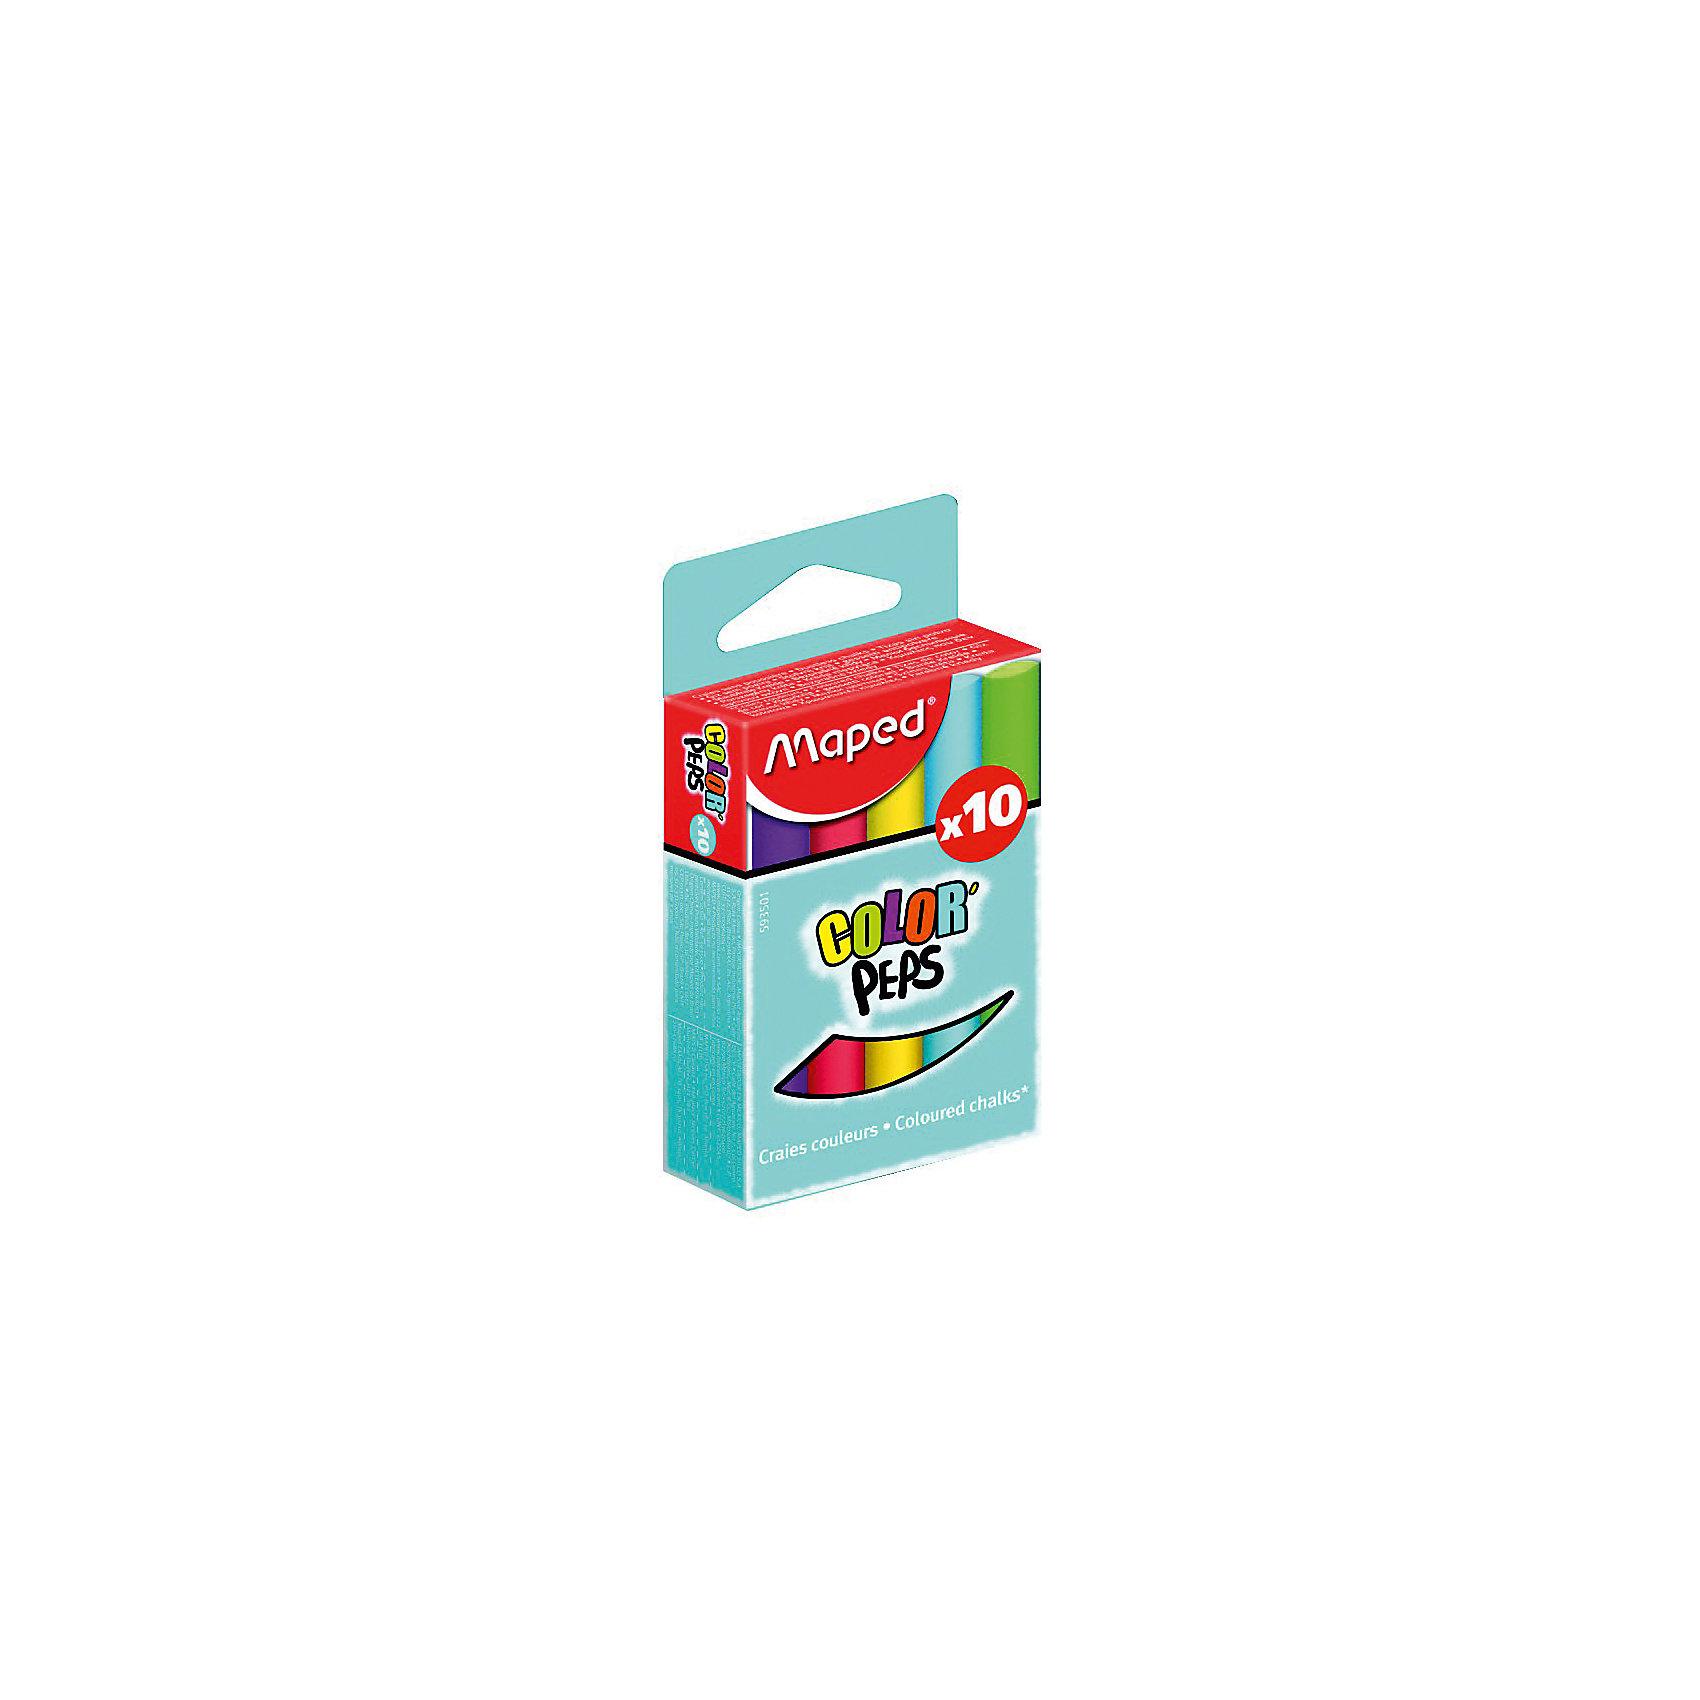 Мел COLOR`PEPS цветной, для детей, 10 цветов, MAPEDМелки для асфальта<br>Мел цветной серии Color Peps. Круглый и удобный для детской руки. Яркие и насыщенные цвета, специальная формула без грязи. В упаковке 10 цветов.<br><br>Ширина мм: 104<br>Глубина мм: 51<br>Высота мм: 22<br>Вес г: 107<br>Возраст от месяцев: 36<br>Возраст до месяцев: 2147483647<br>Пол: Унисекс<br>Возраст: Детский<br>SKU: 5530042